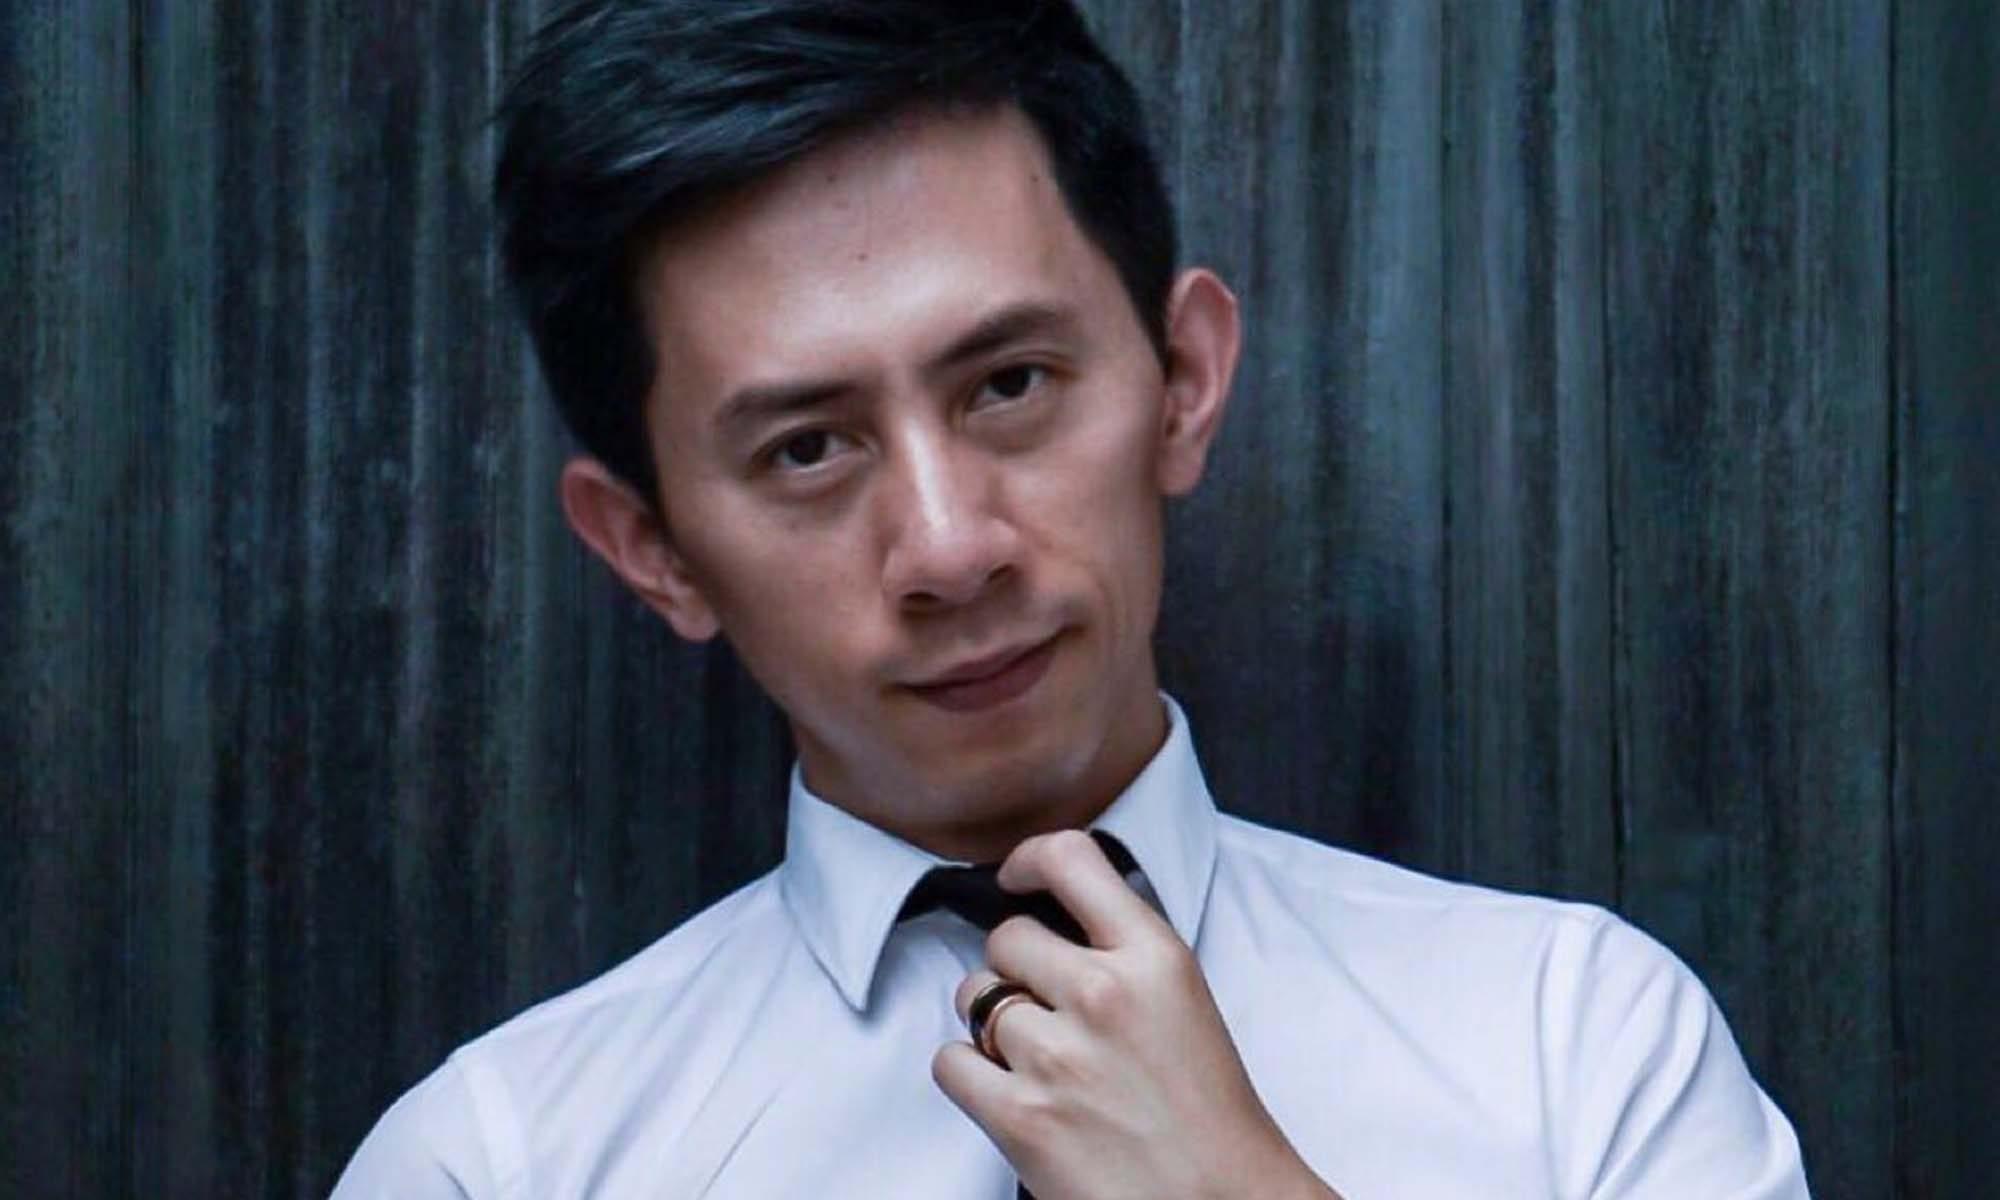 徐伟是中国最有影响力的葡萄酒意见领袖之一,他在社交媒体上拥有近50万的粉丝。